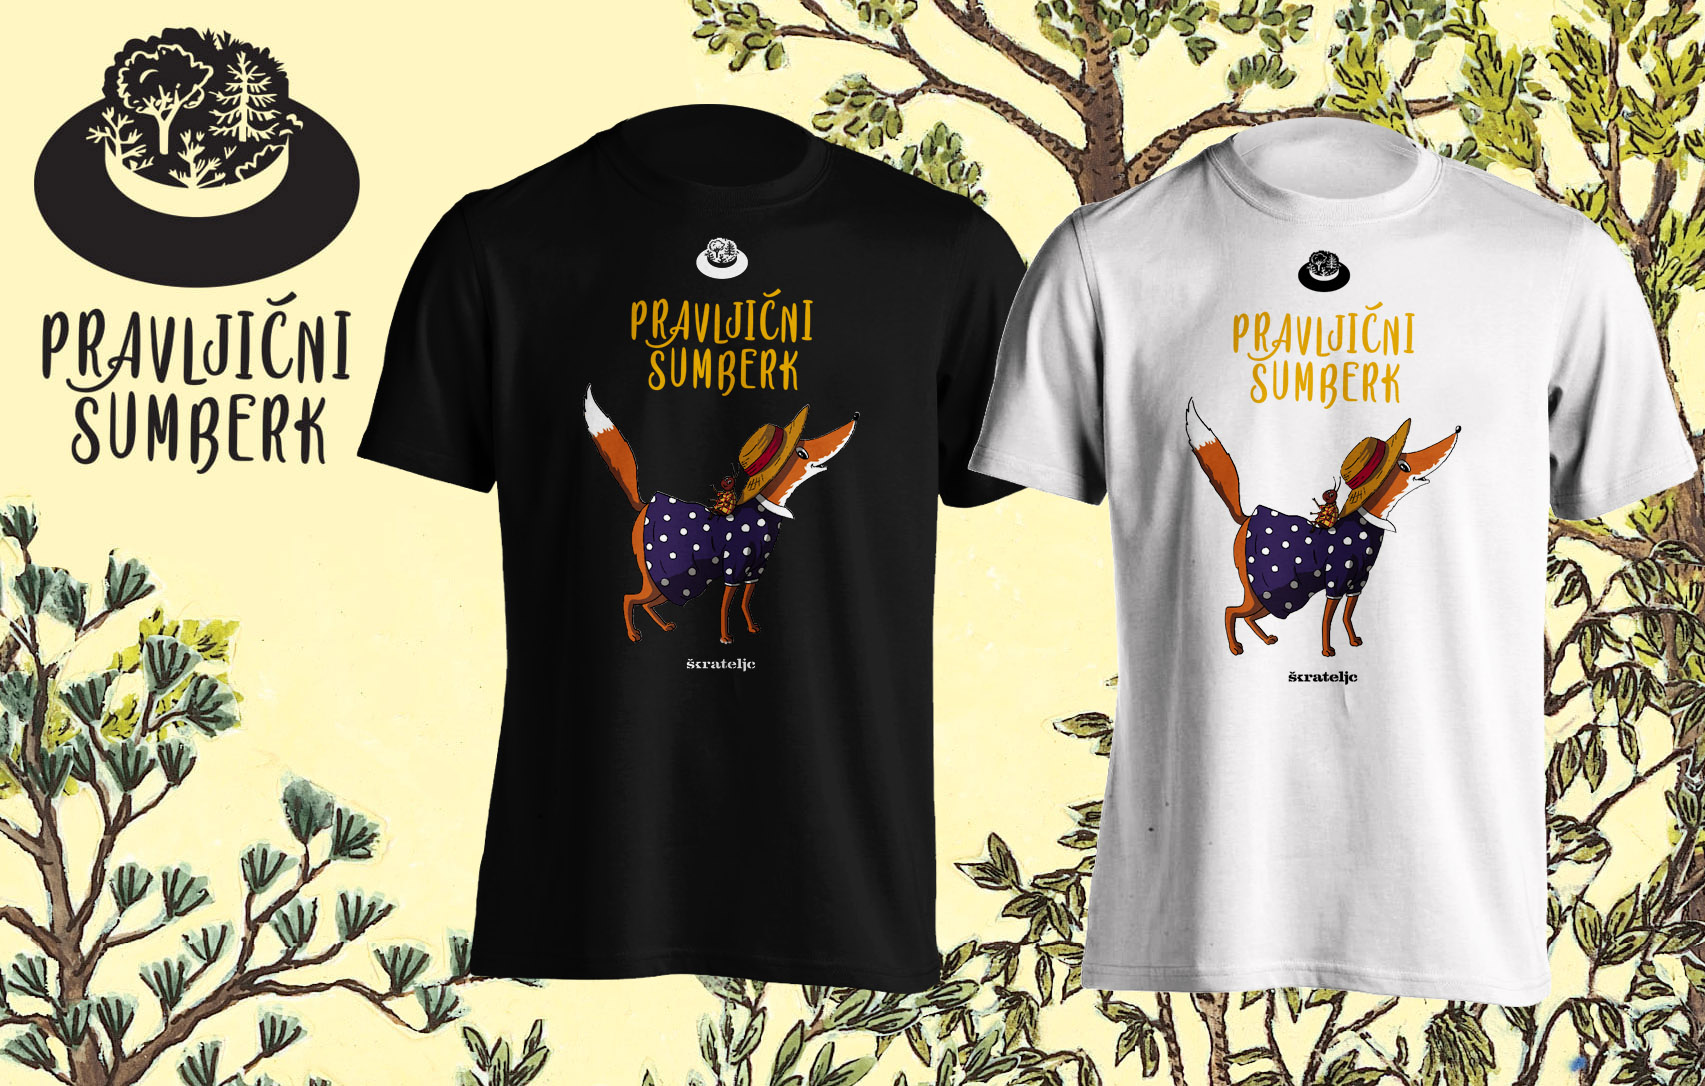 majice-pravljicnisumberk